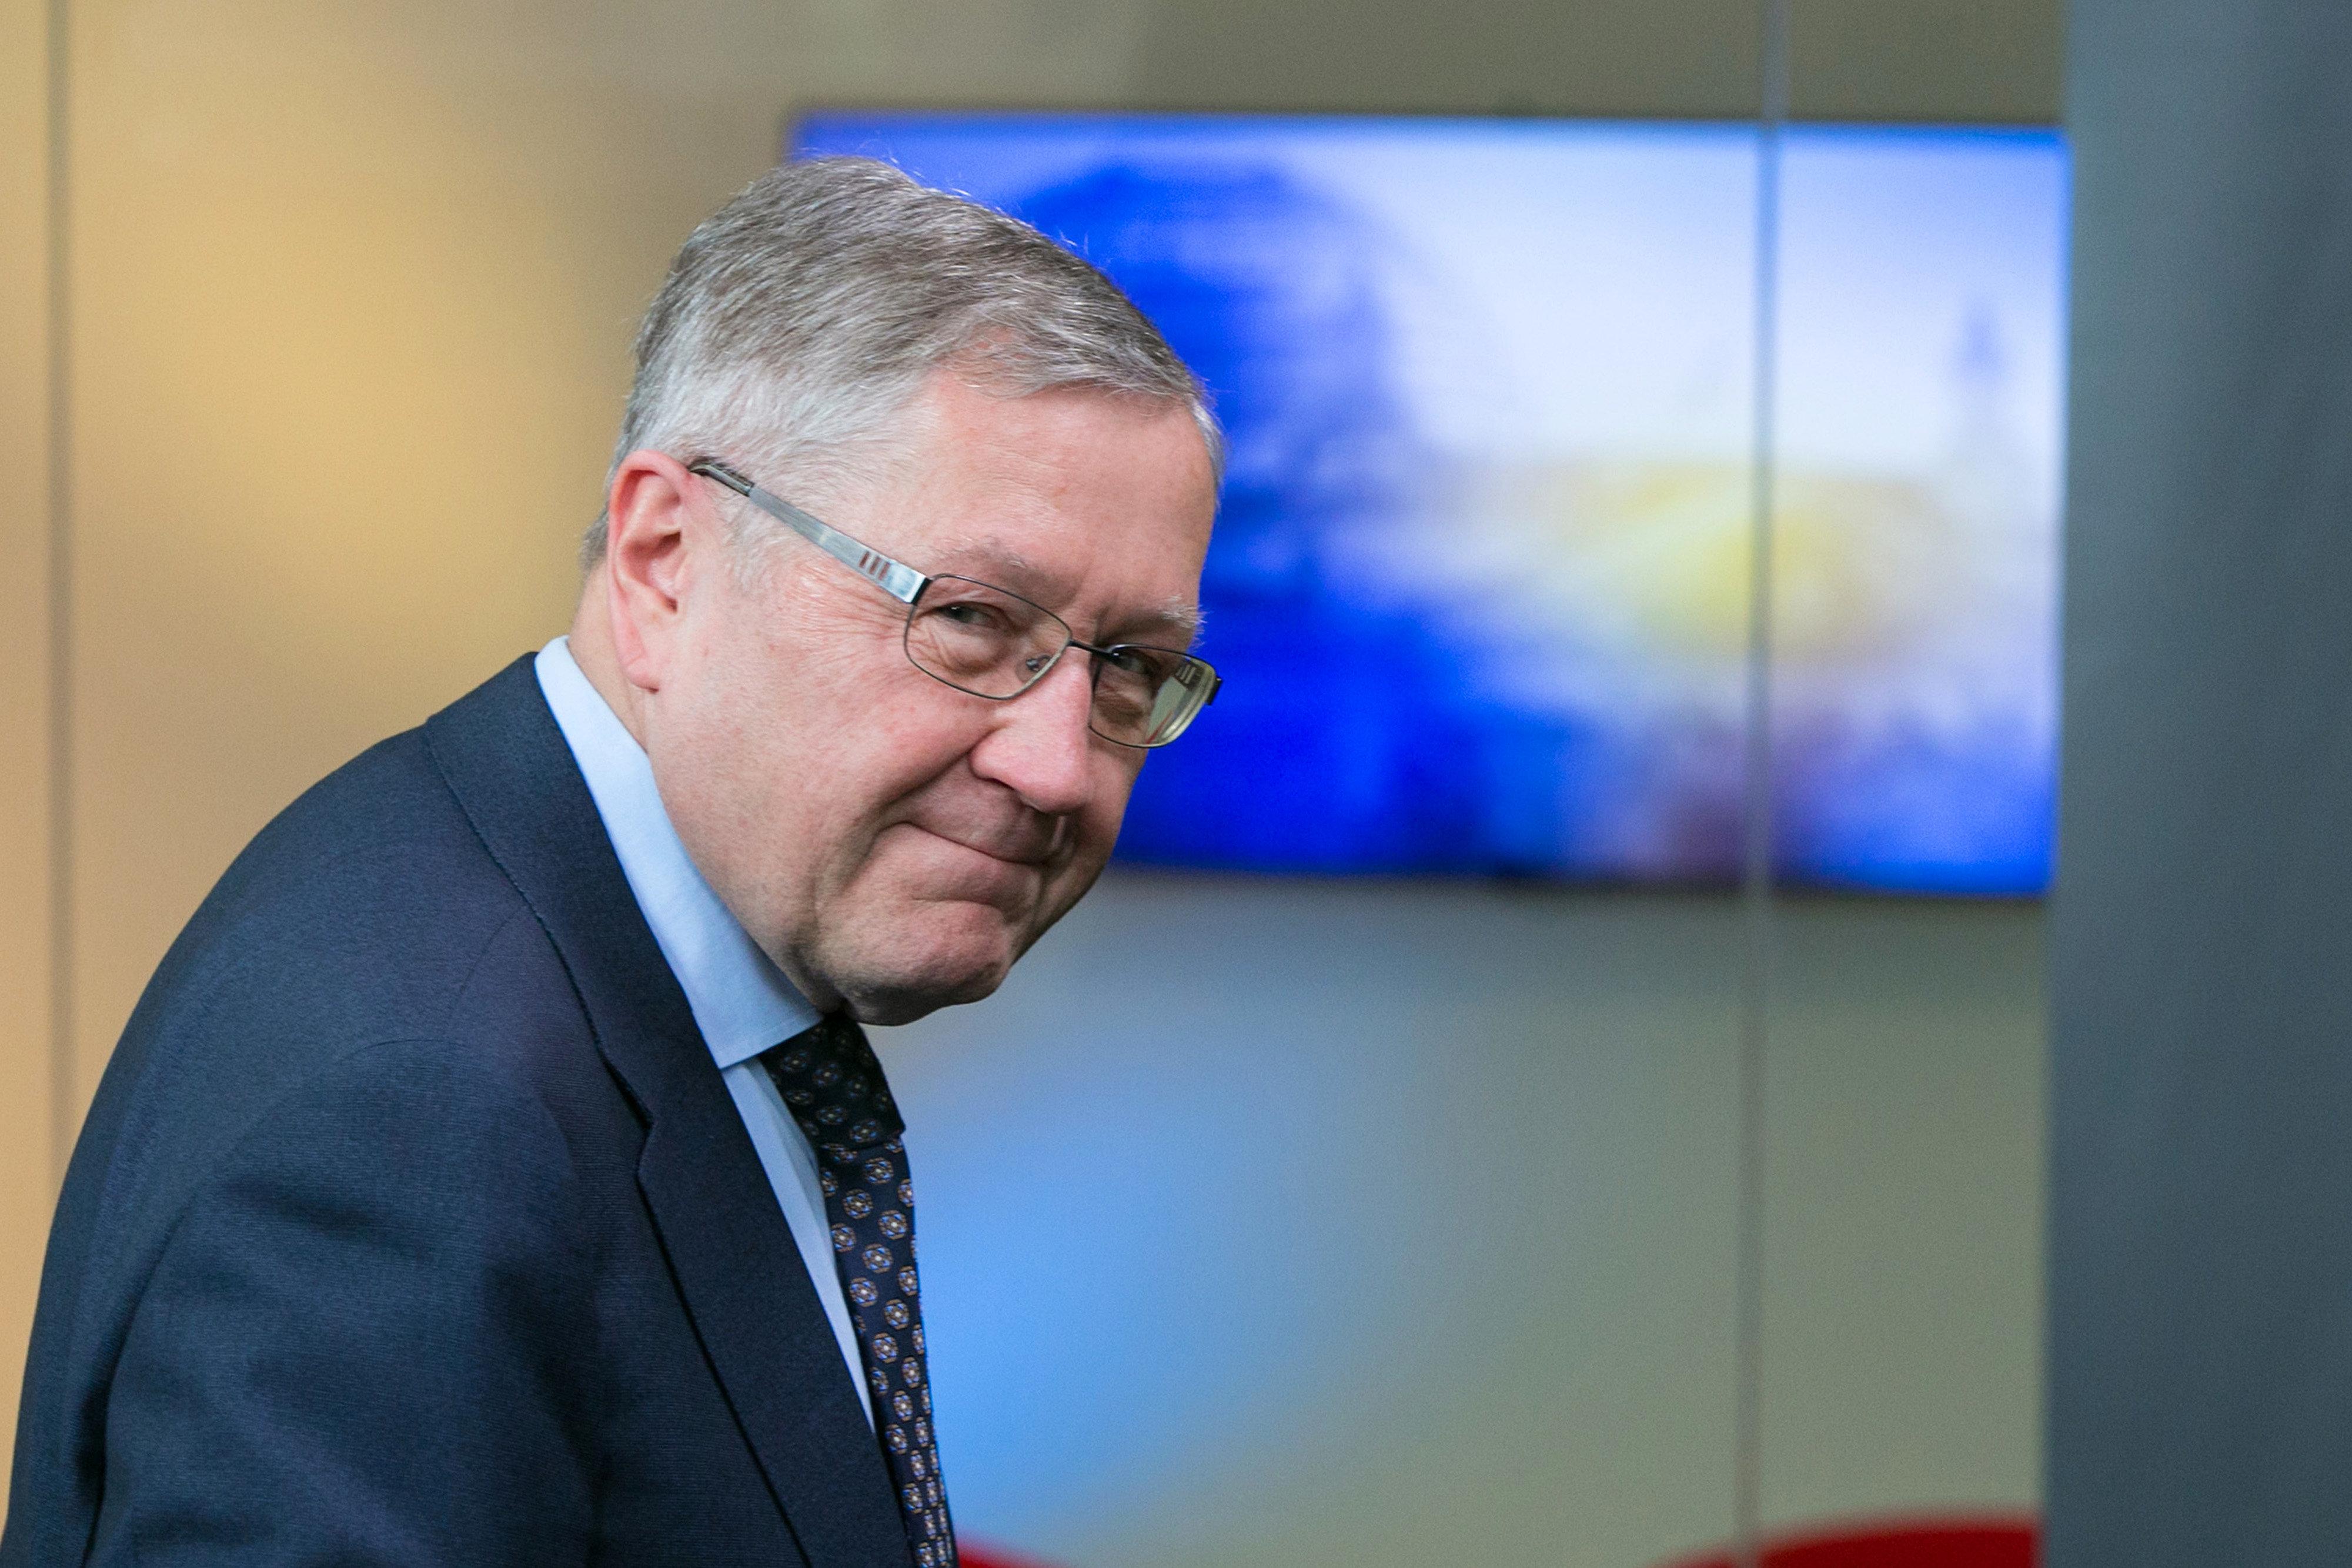 Ρέγκλινγκ: Ένα νέο μέσο χρηματοδότησης των χωρών της Ευρωζώνης στο τραπέζι της συζήτησης για τη μεταρρύθμισή